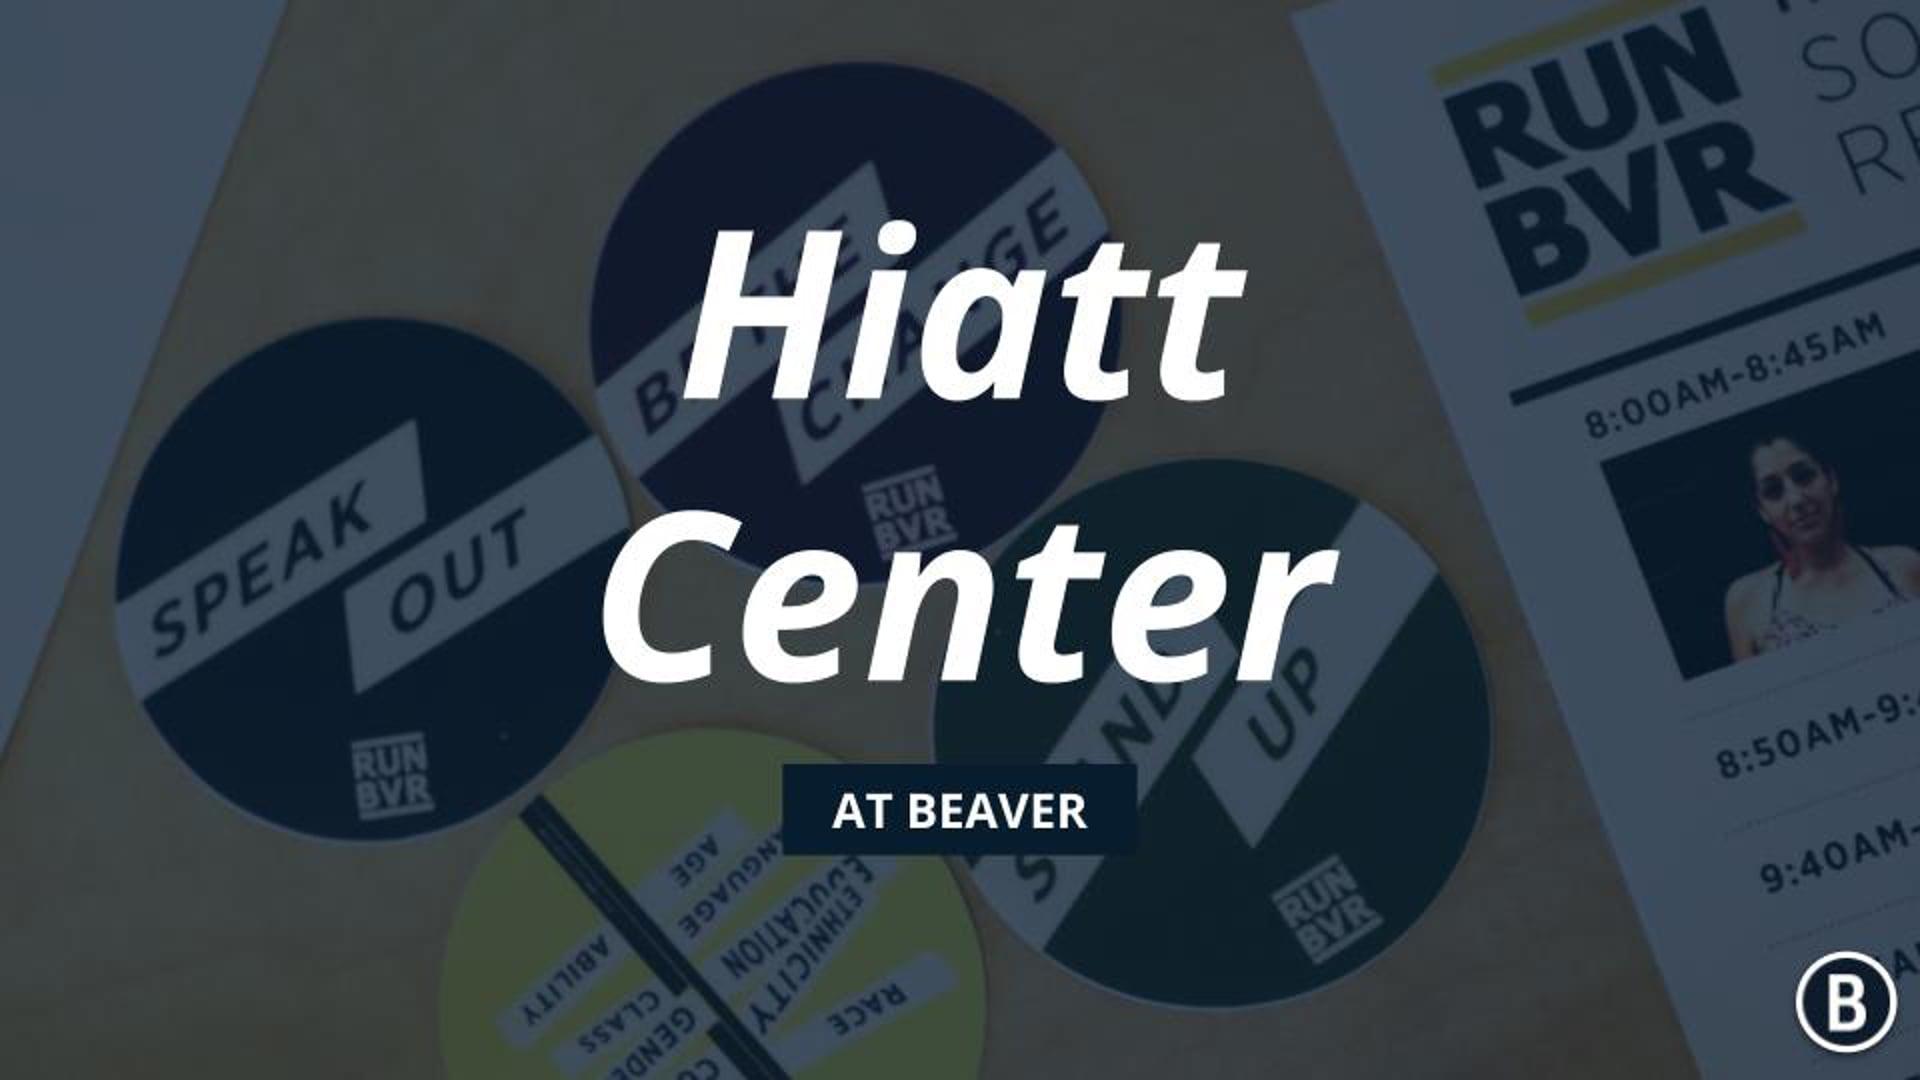 Hiatt Center